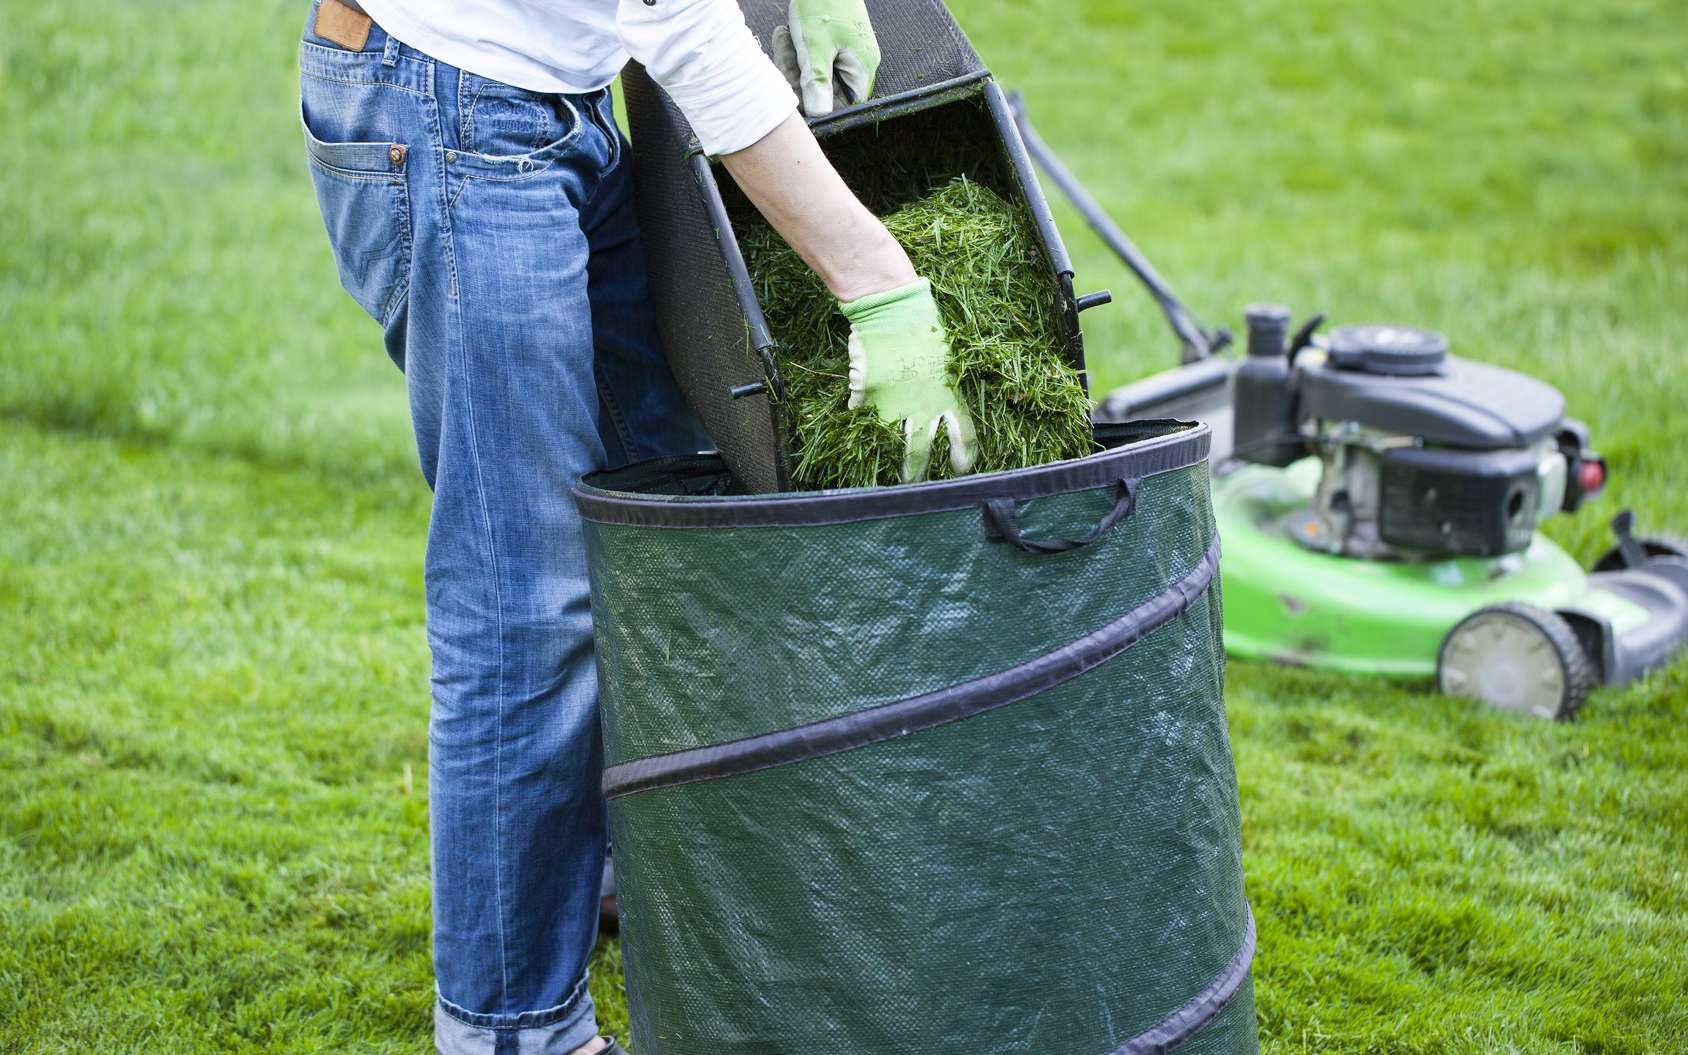 Les tontes du gazon serviront de paillis ou rejoindront le compost. © Volodymyr, Fotolia